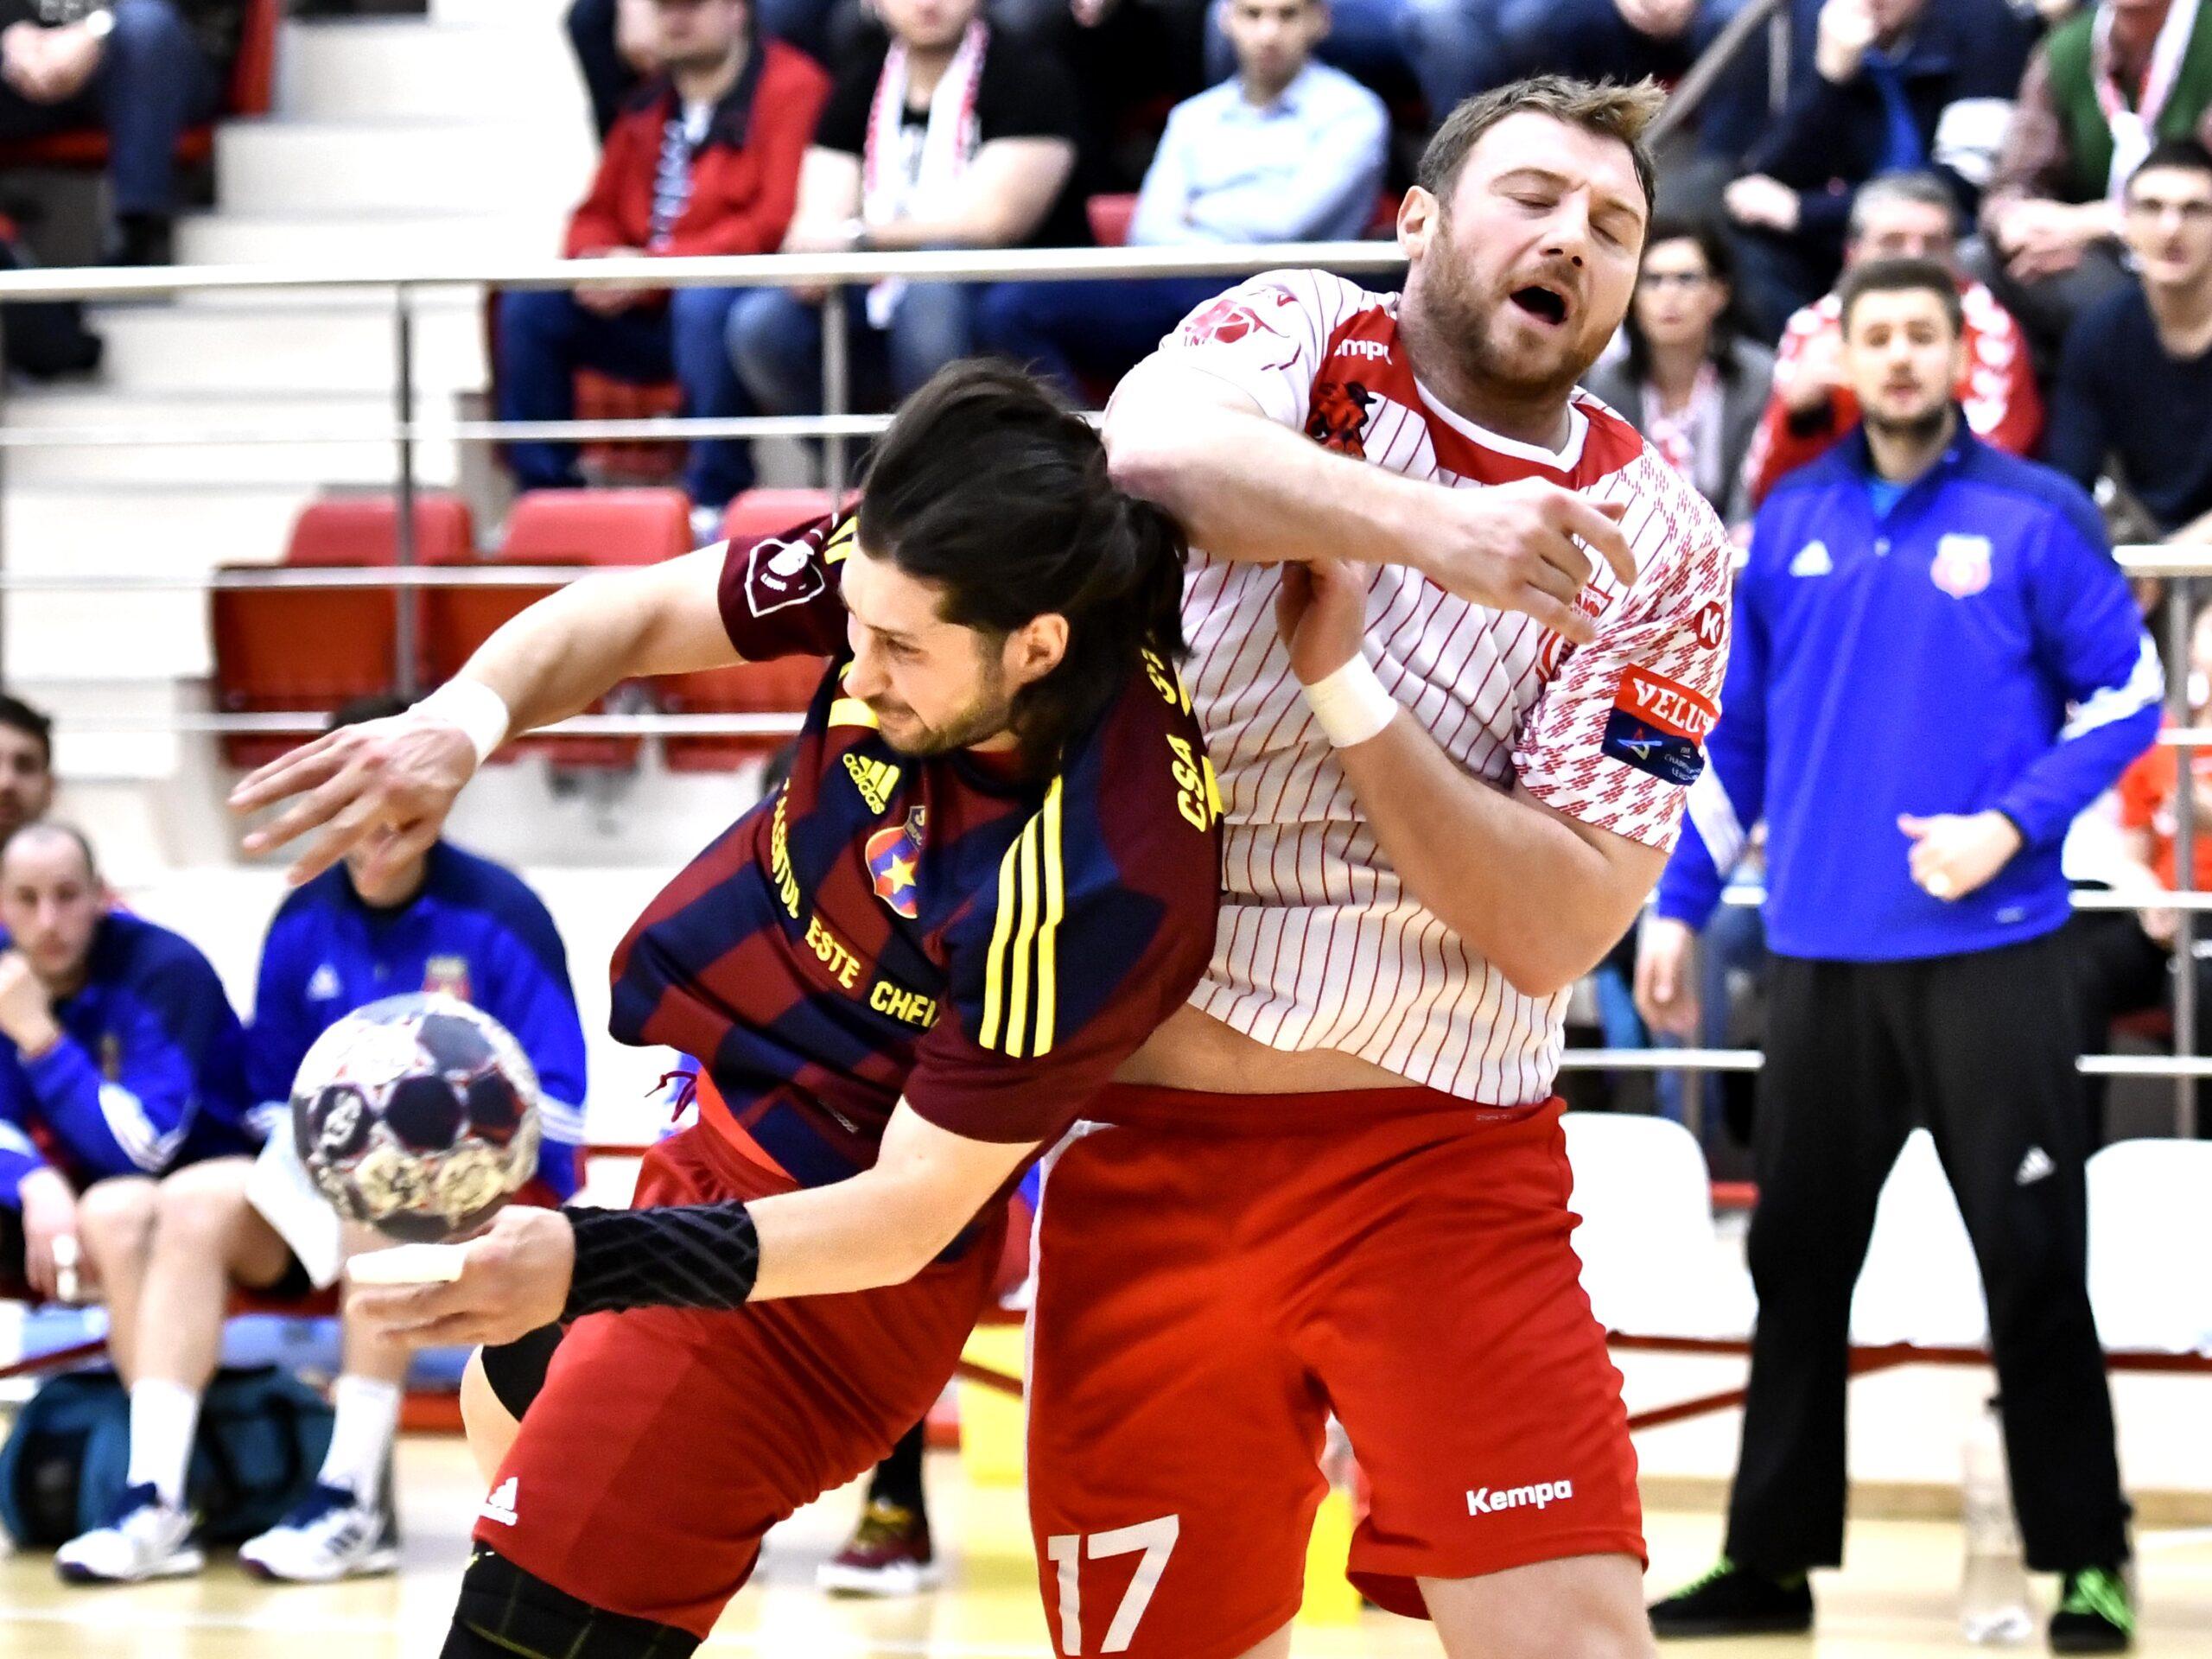 AS.ro LIVE   Dan Savenco a fost invitatul lui Cătălin Oprişan. Poveştile din vestiarul celei mai bune echipe de handbal din România